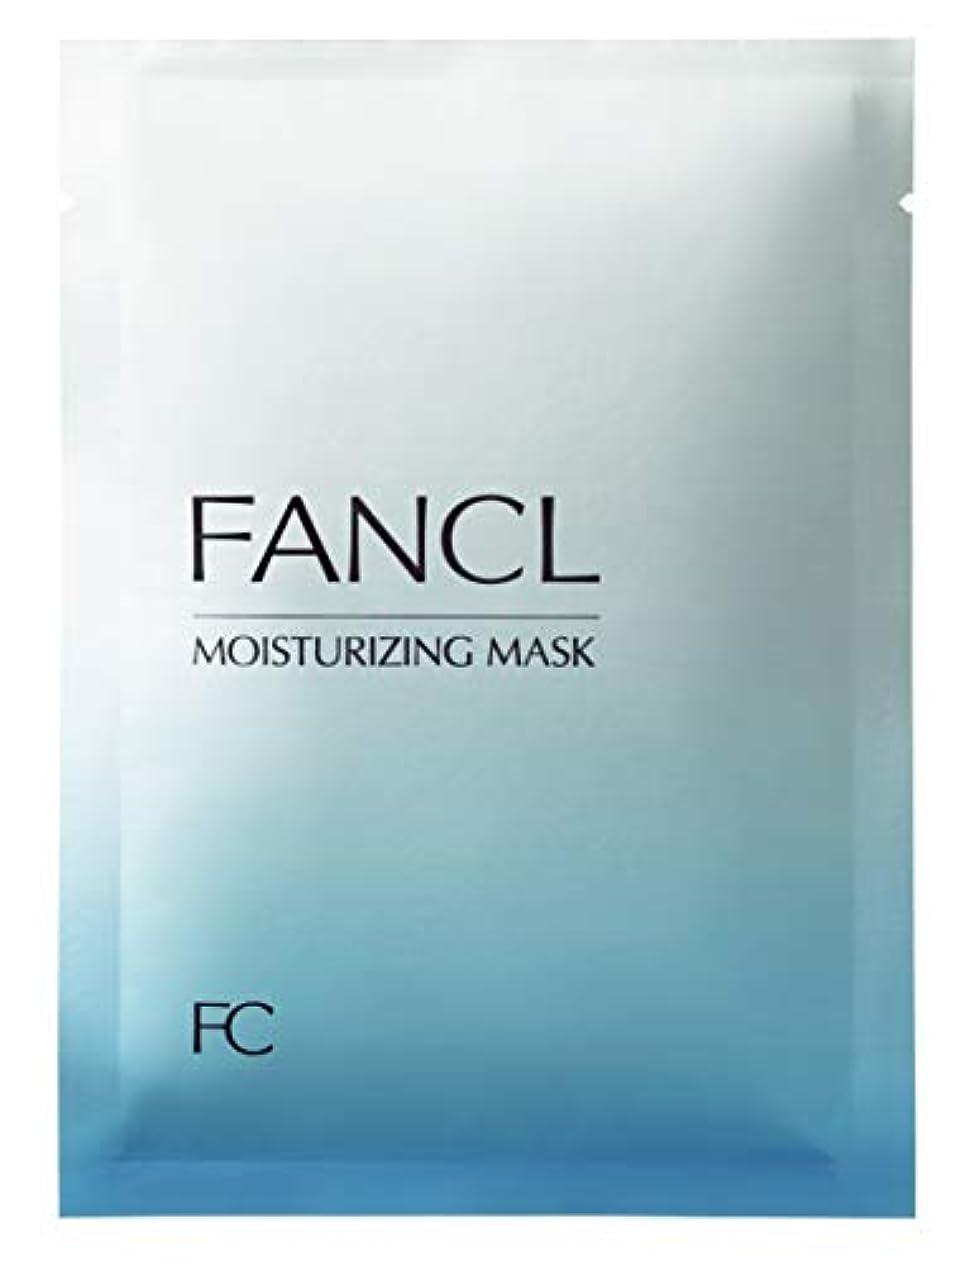 復活させるお茶電子レンジファンケル (FANCL) モイスチャライジング マスク 6枚セット (18mL×6)